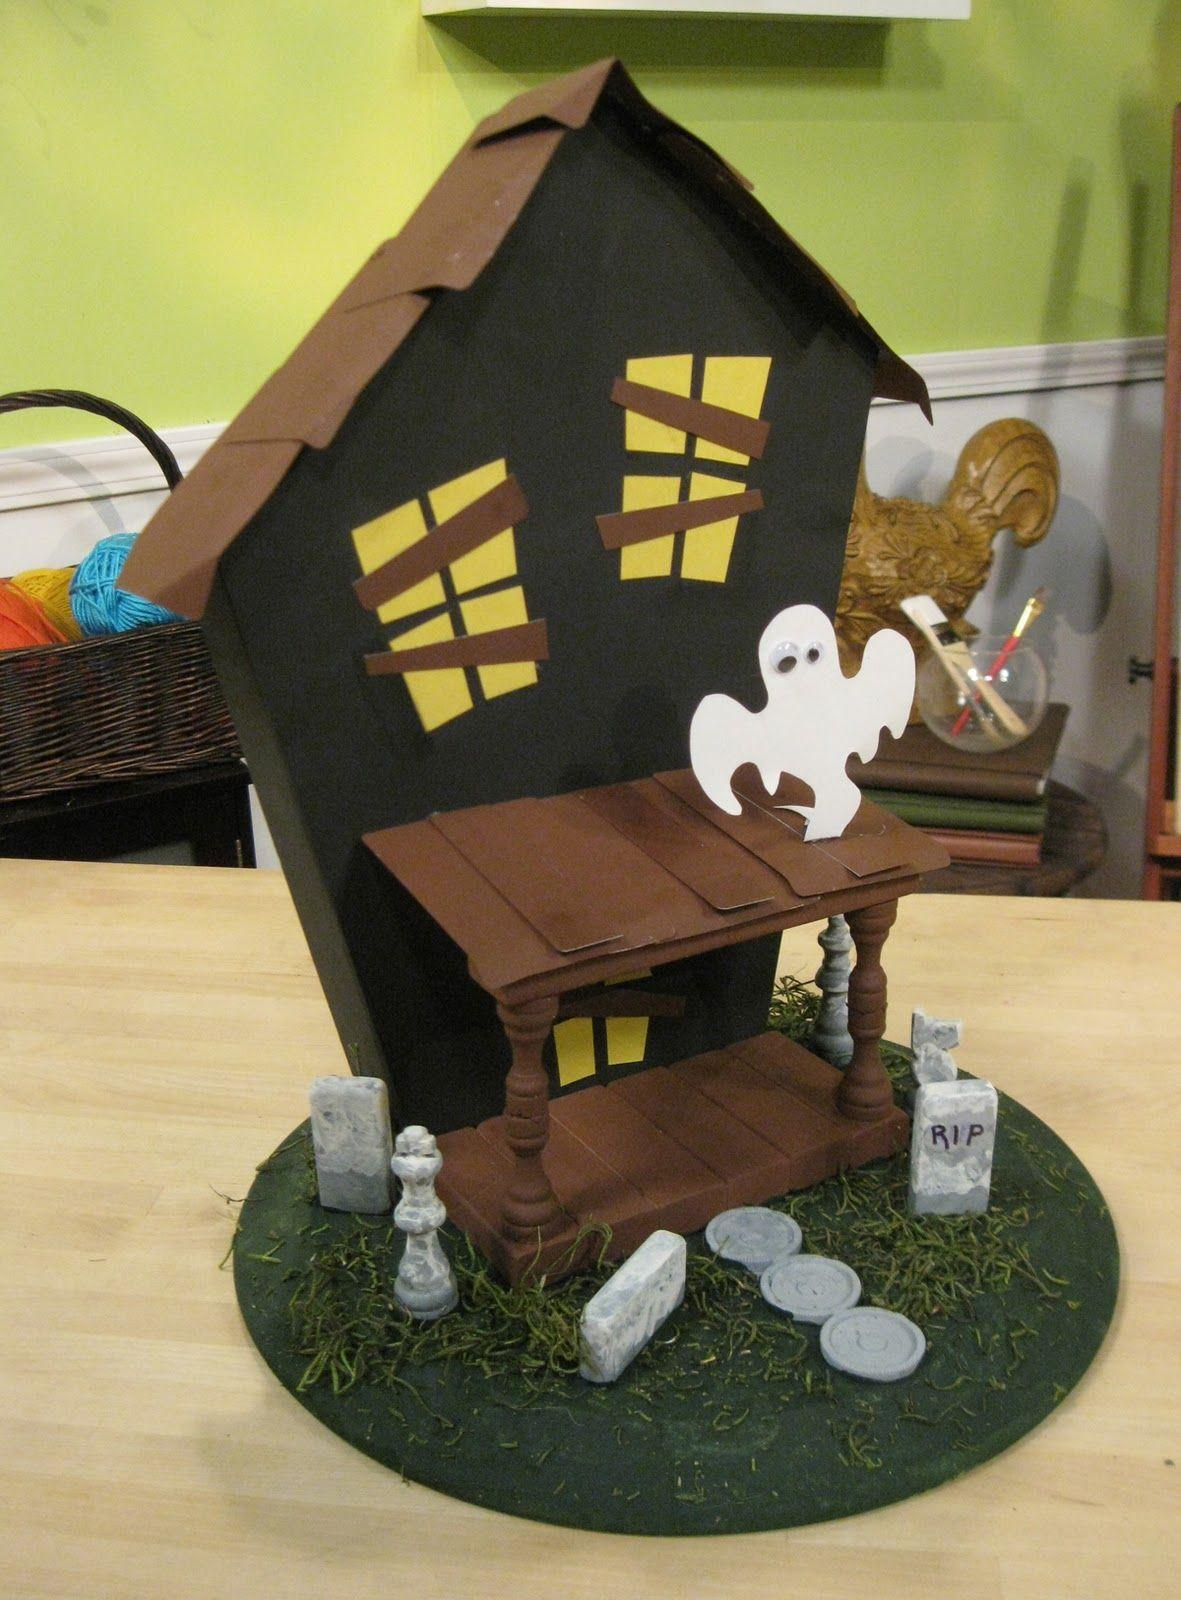 DAVE LOWE DESIGN the Blog: 25 Days 'til Halloween: Game Board ...